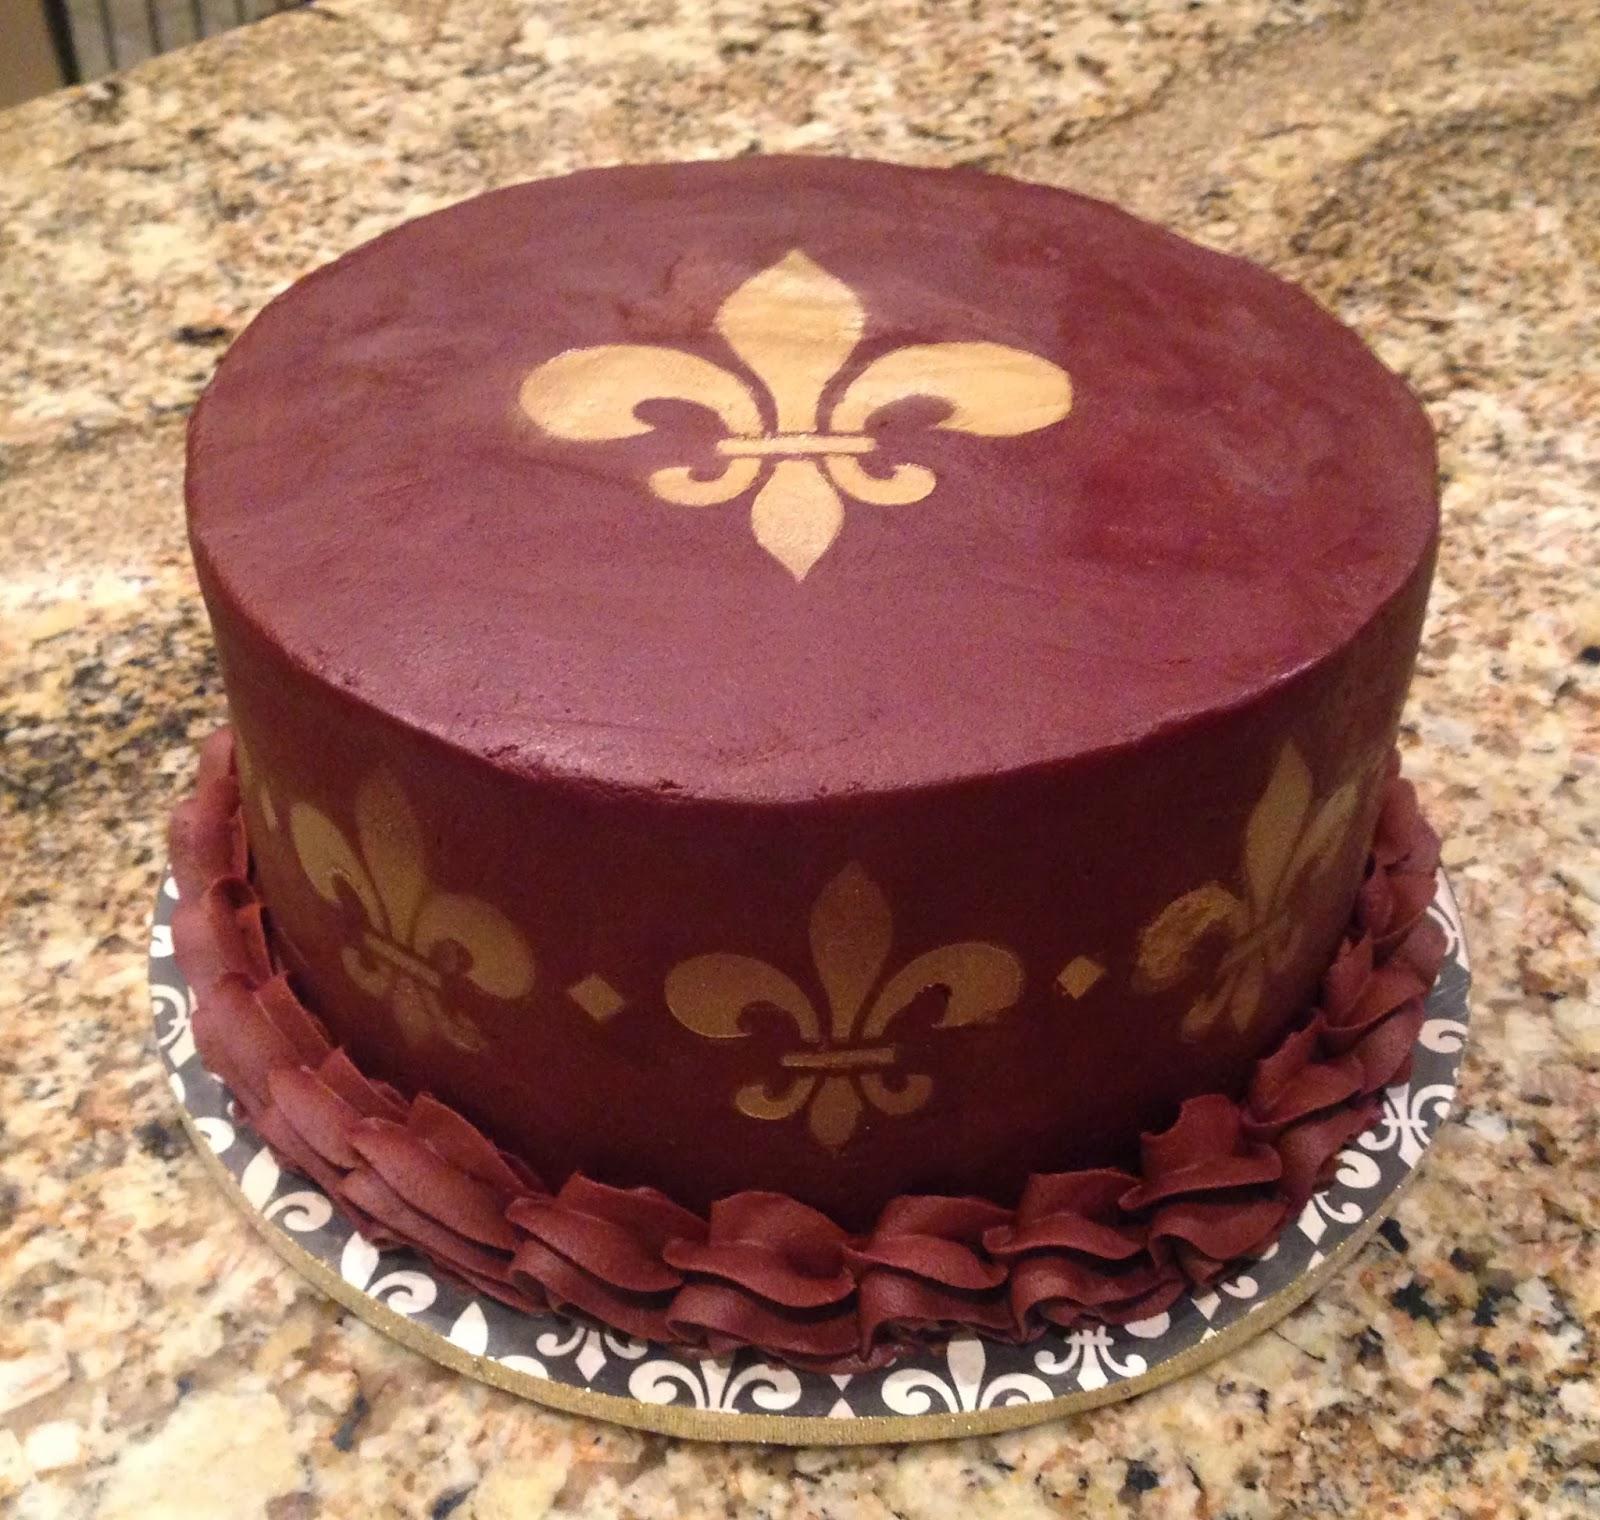 Chocolate Fleur De Lis Cake 8